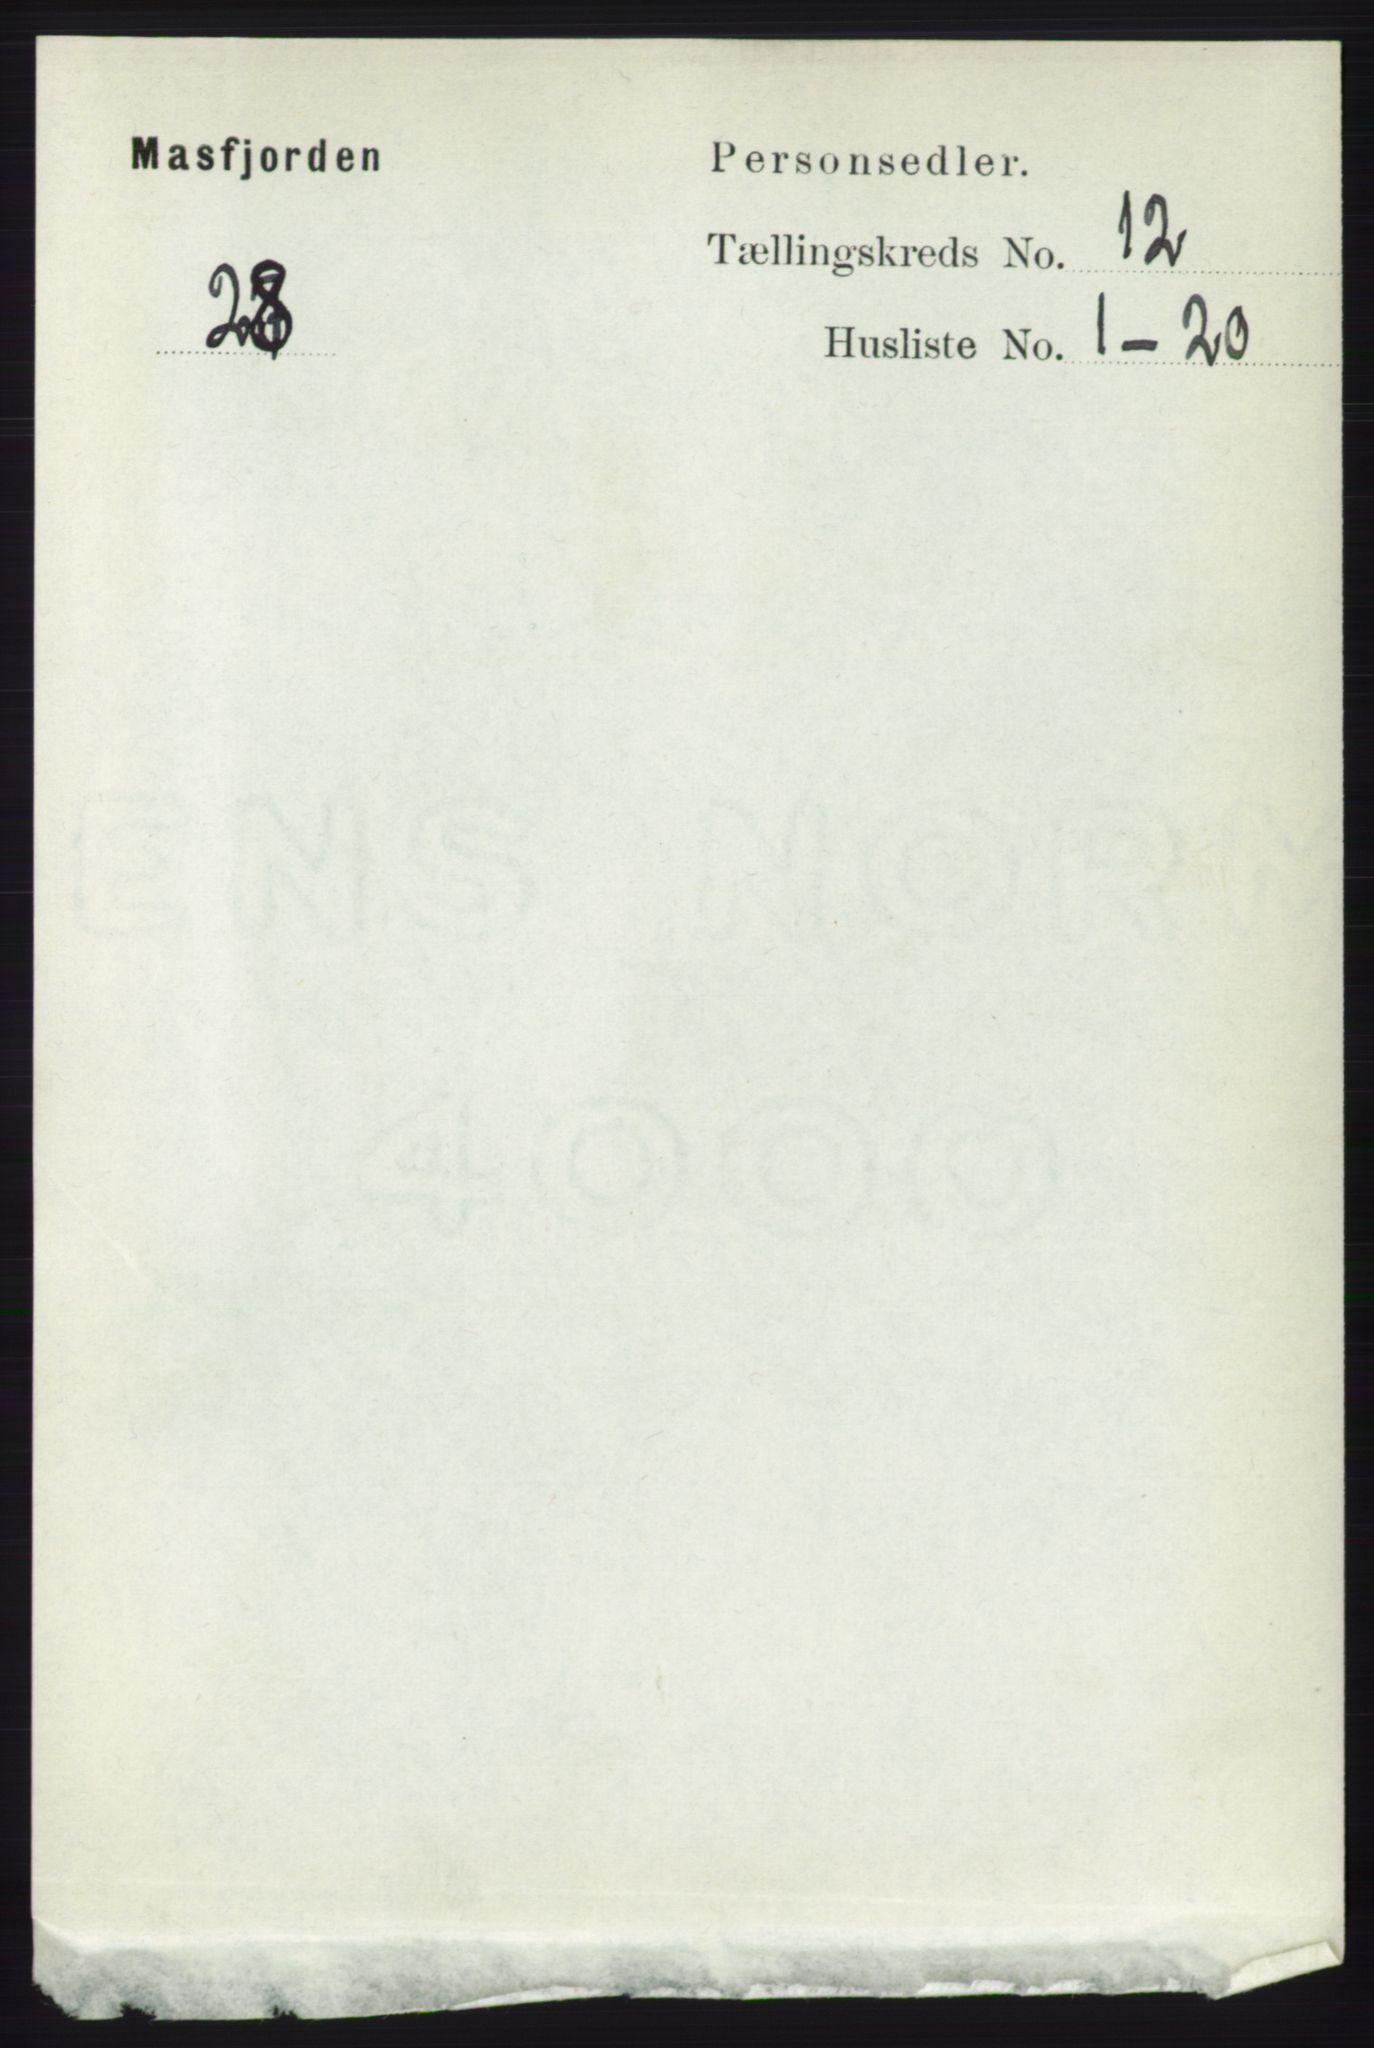 RA, Folketelling 1891 for 1266 Masfjorden herred, 1891, s. 2452